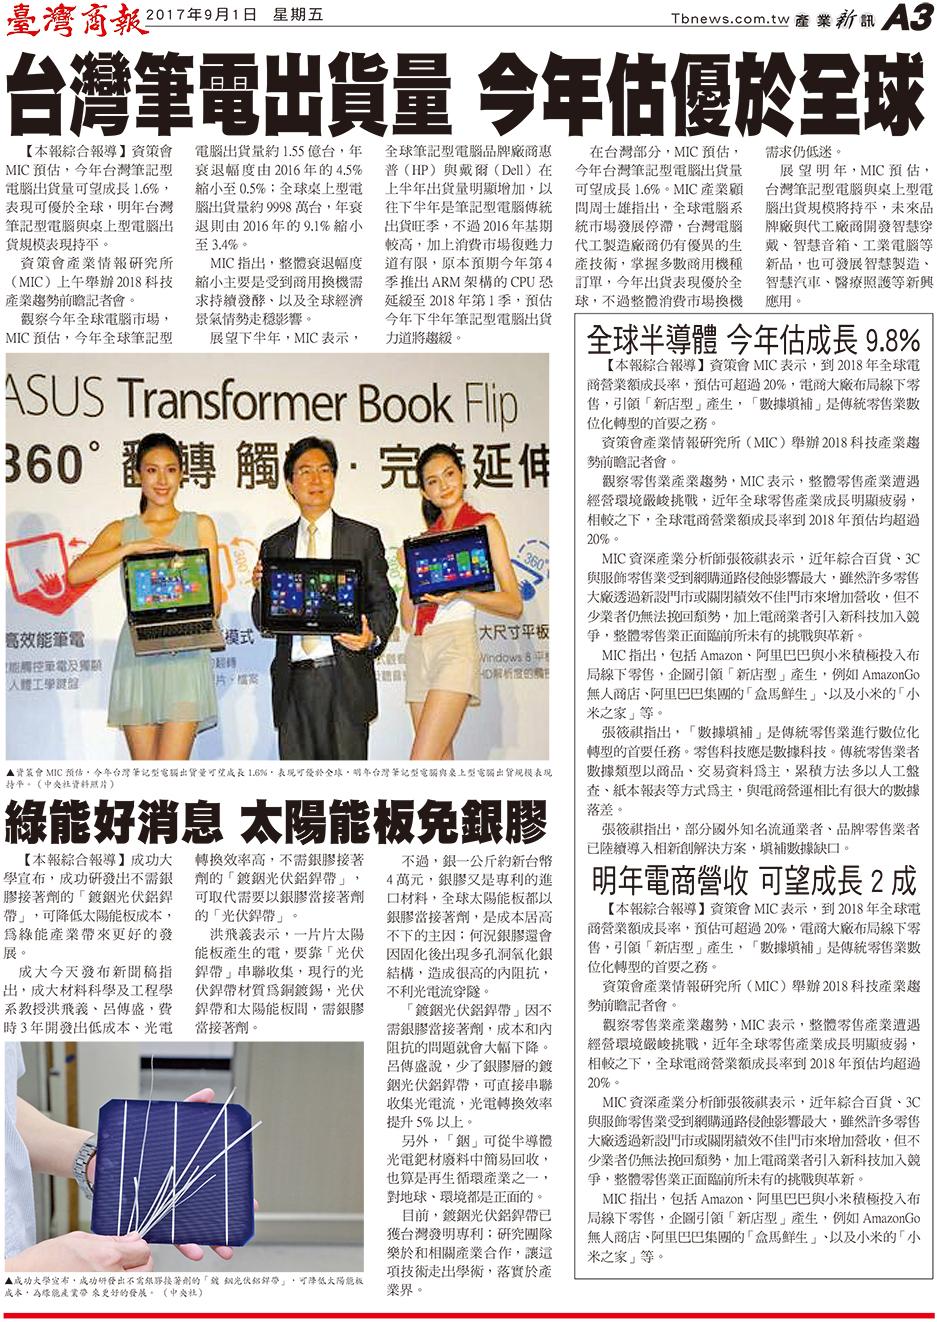 台灣筆電出貨量 今年估優於全球